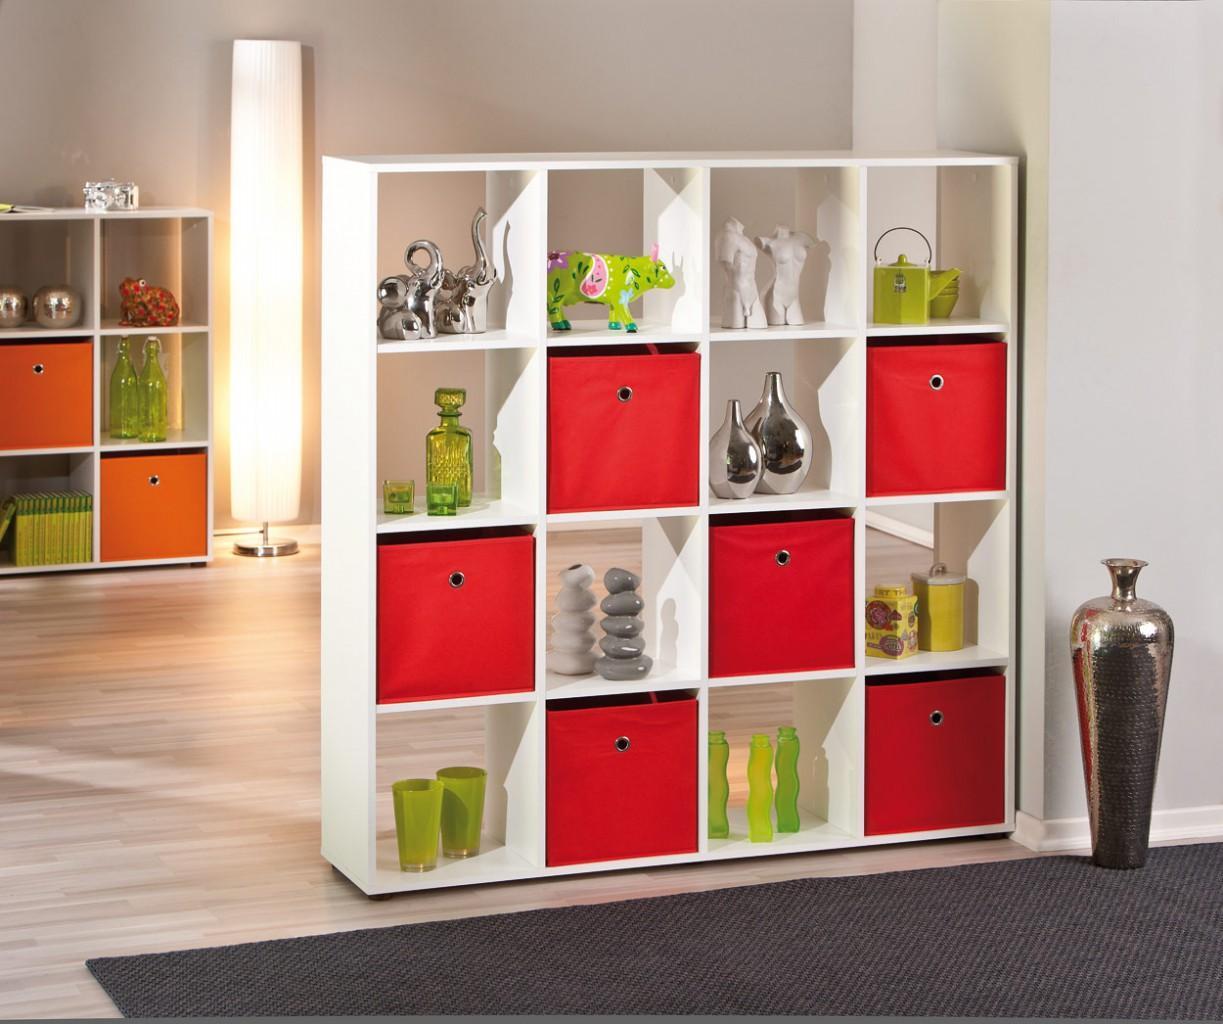 regal caboto 16 offener raumteiler dekor wei. Black Bedroom Furniture Sets. Home Design Ideas